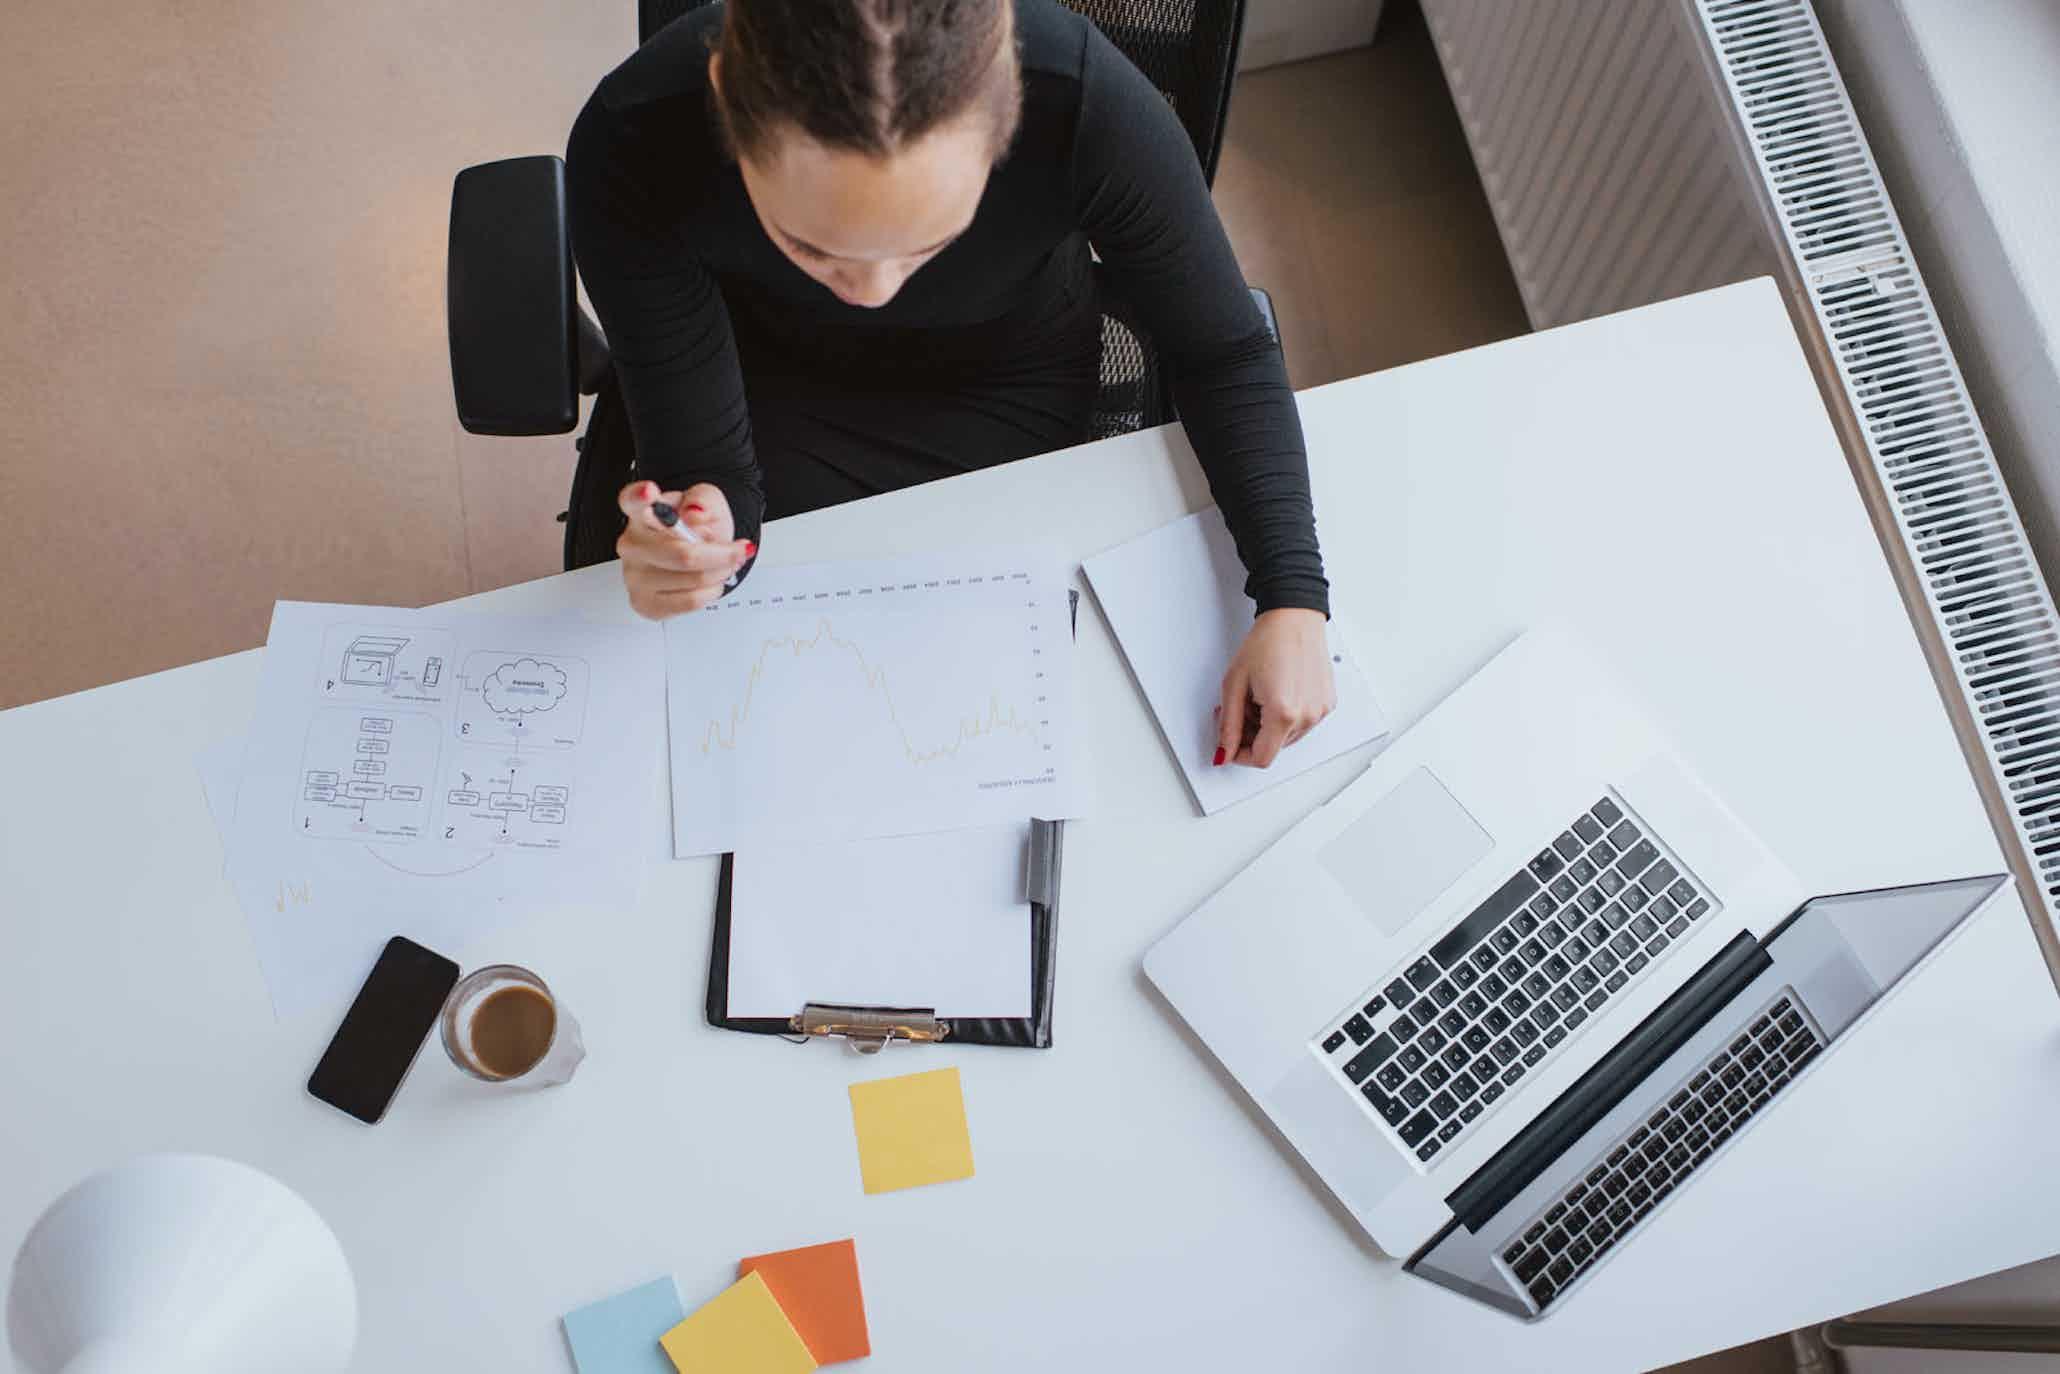 چگونه بازاریابان می توانند یک روند ارزشمند را از یک FAD متمایز کنند؟